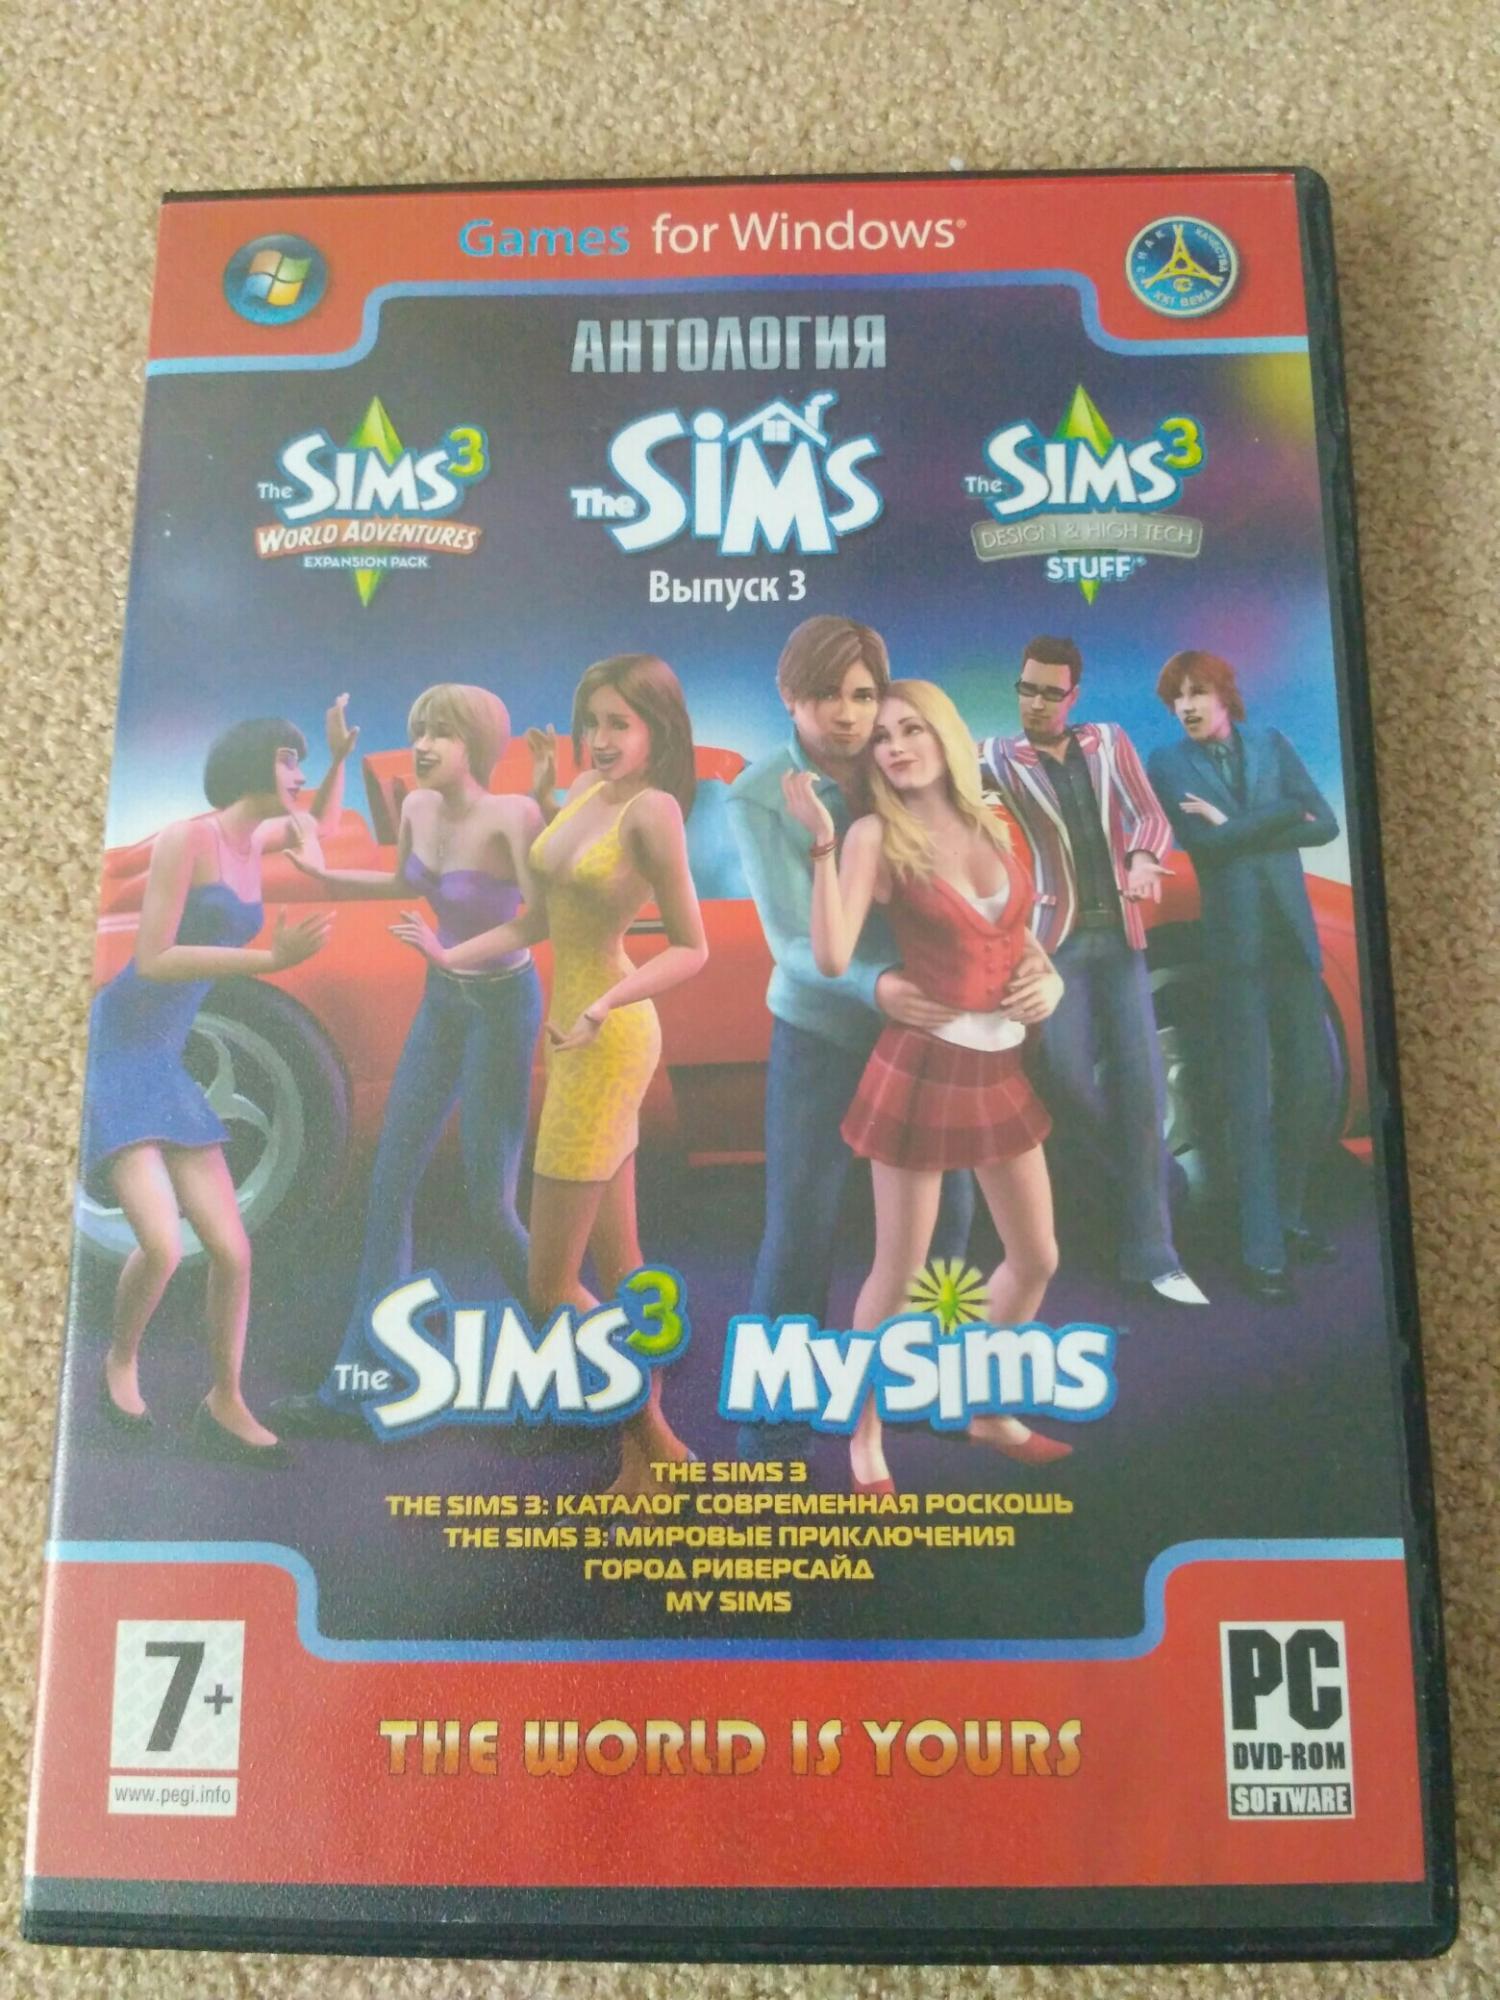 Диски с игрой The Sims, Sims 2, Sims 3 89645127208 купить 2